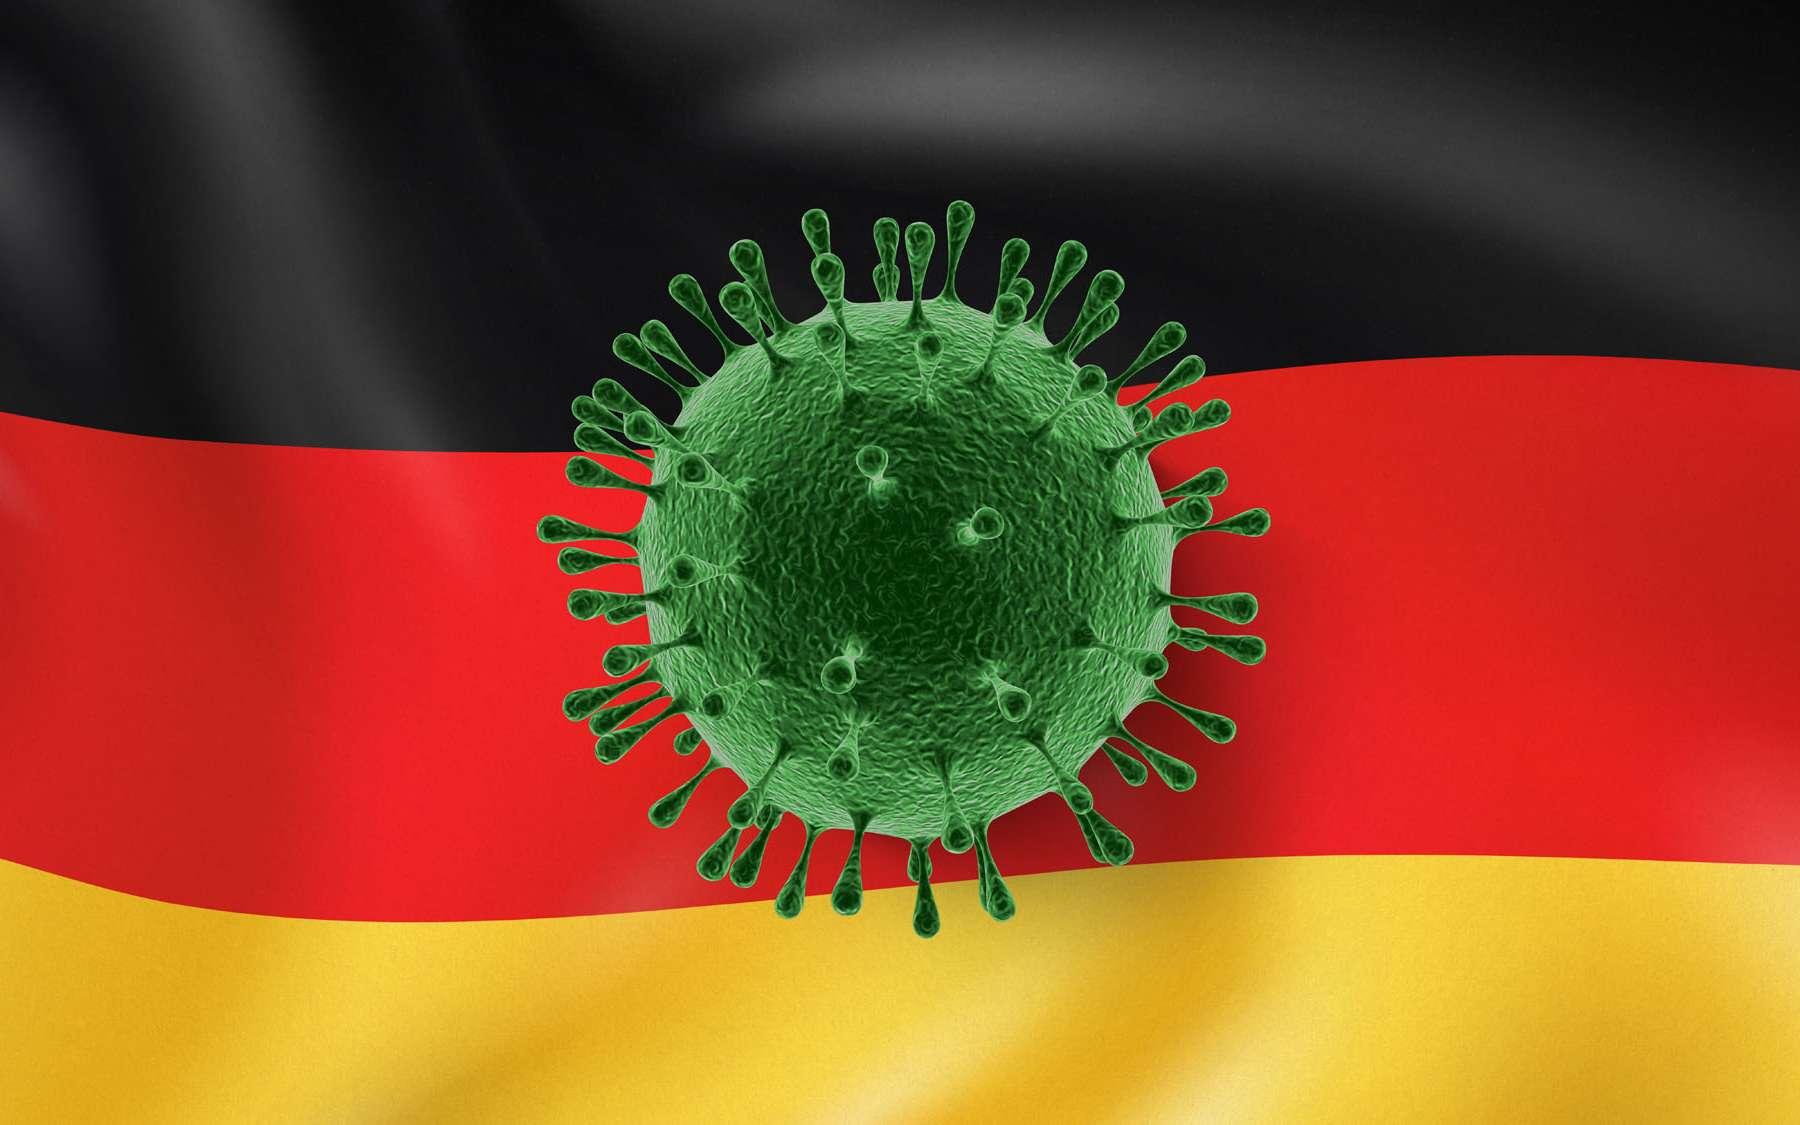 L'Allemagne s'apprête à progressivement alléger ses mesures de restrictions contre la pandémie du Covid-19. © artjazz, Adobe Stock